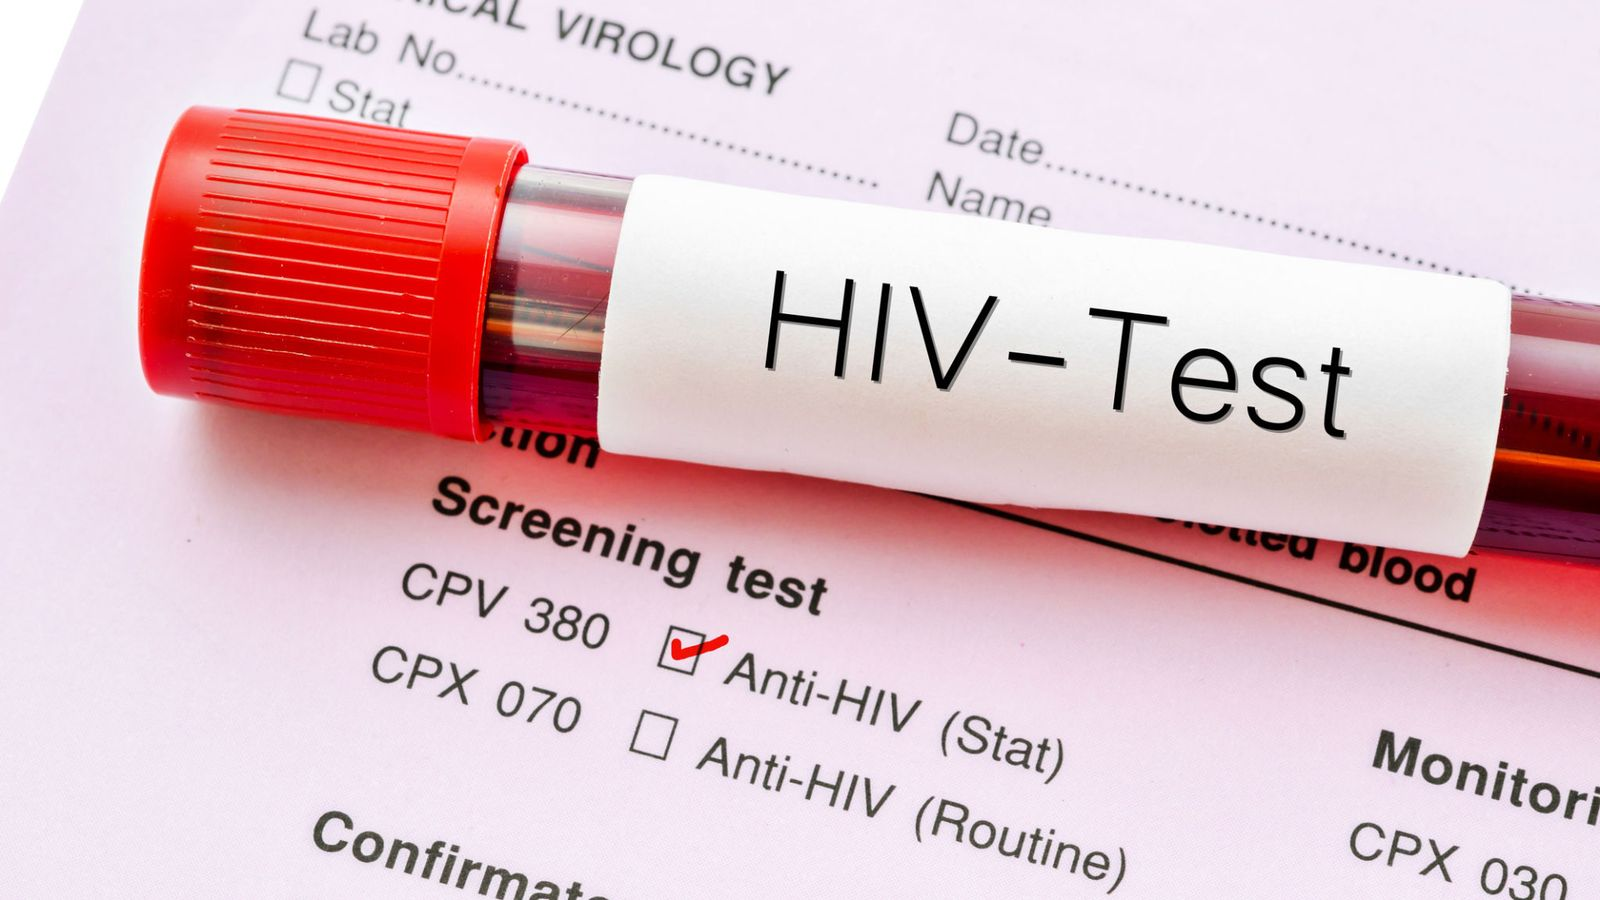 Νέα θεραπεία καταστέλλει πλήρως τη λοίμωξη από τον ιό HIV